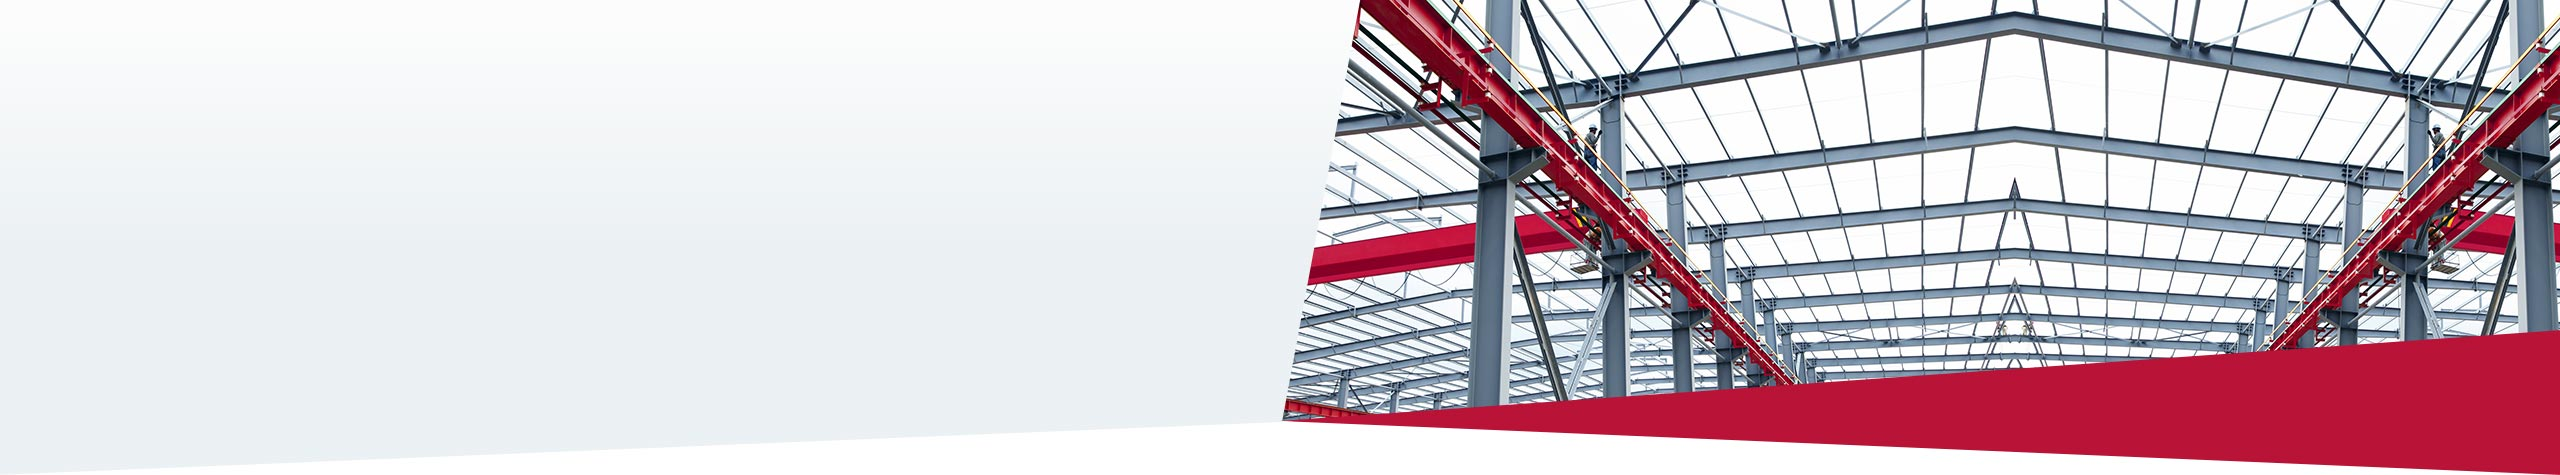 Stahlbau Zu 100% in SOLIDWORKS integriert.